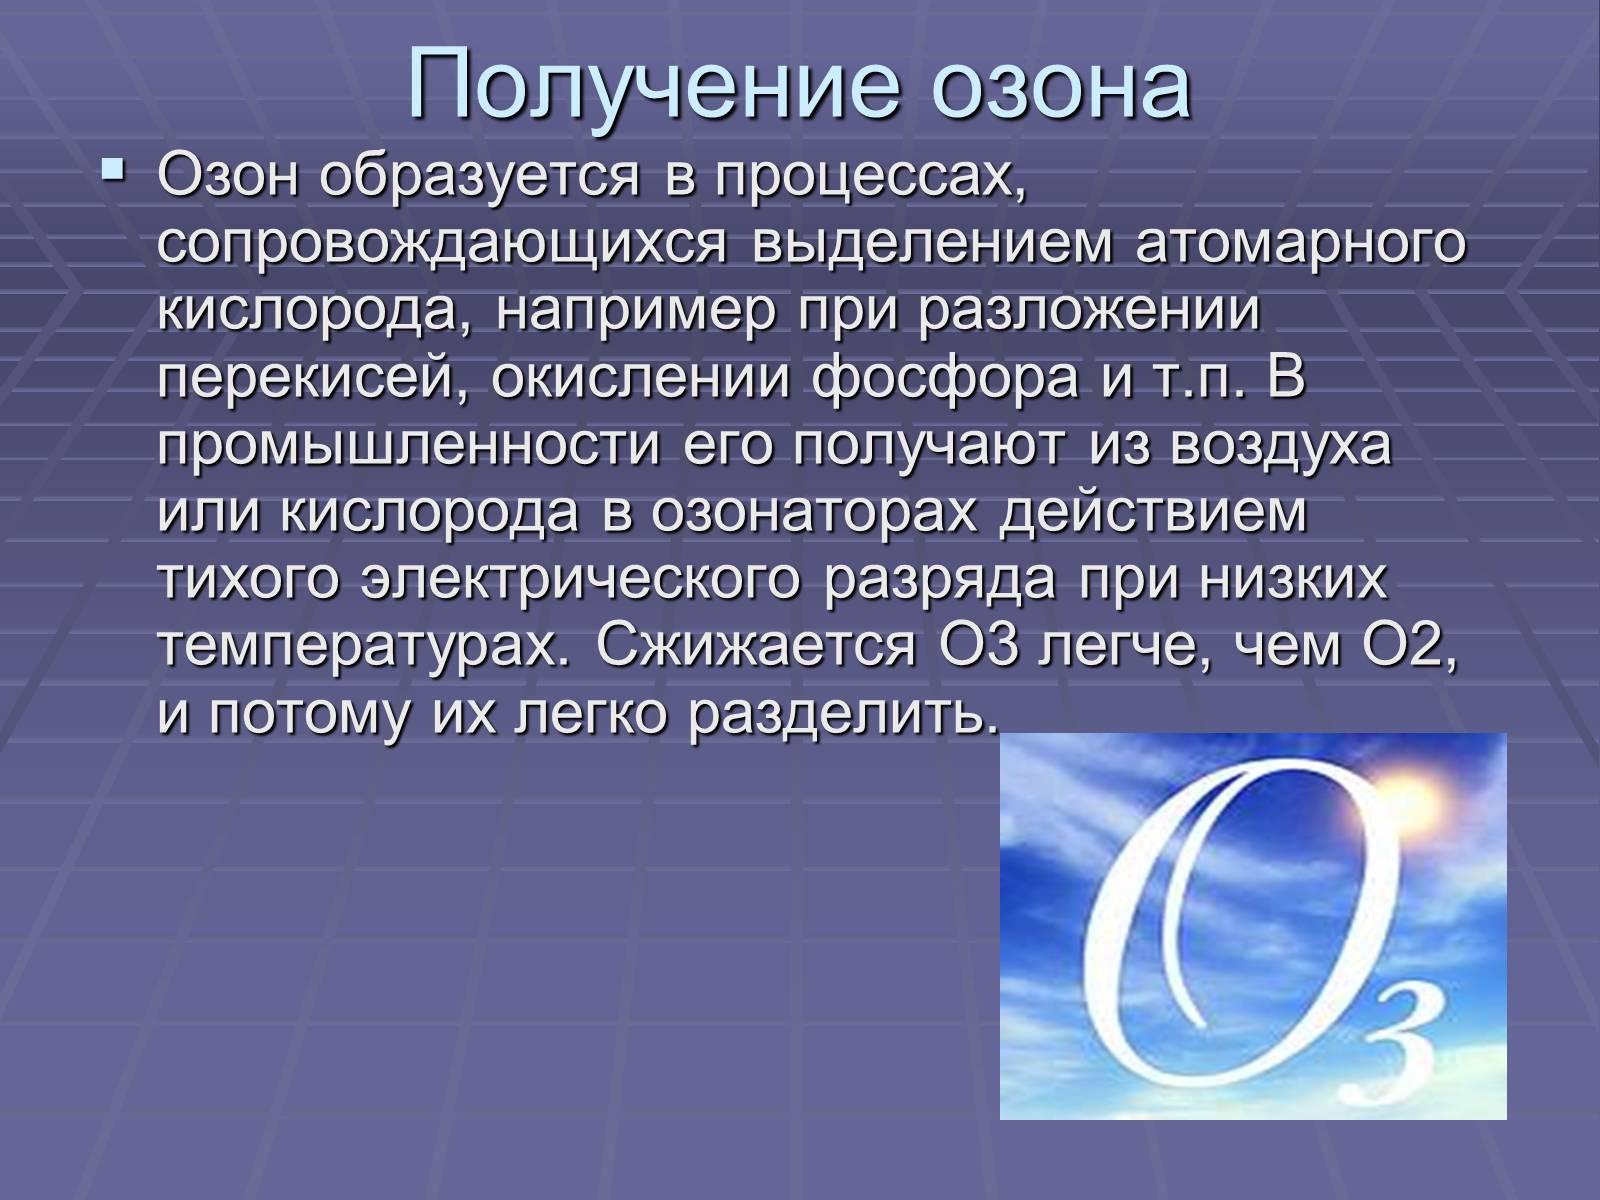 Кислород — википедия с видео // wiki 2